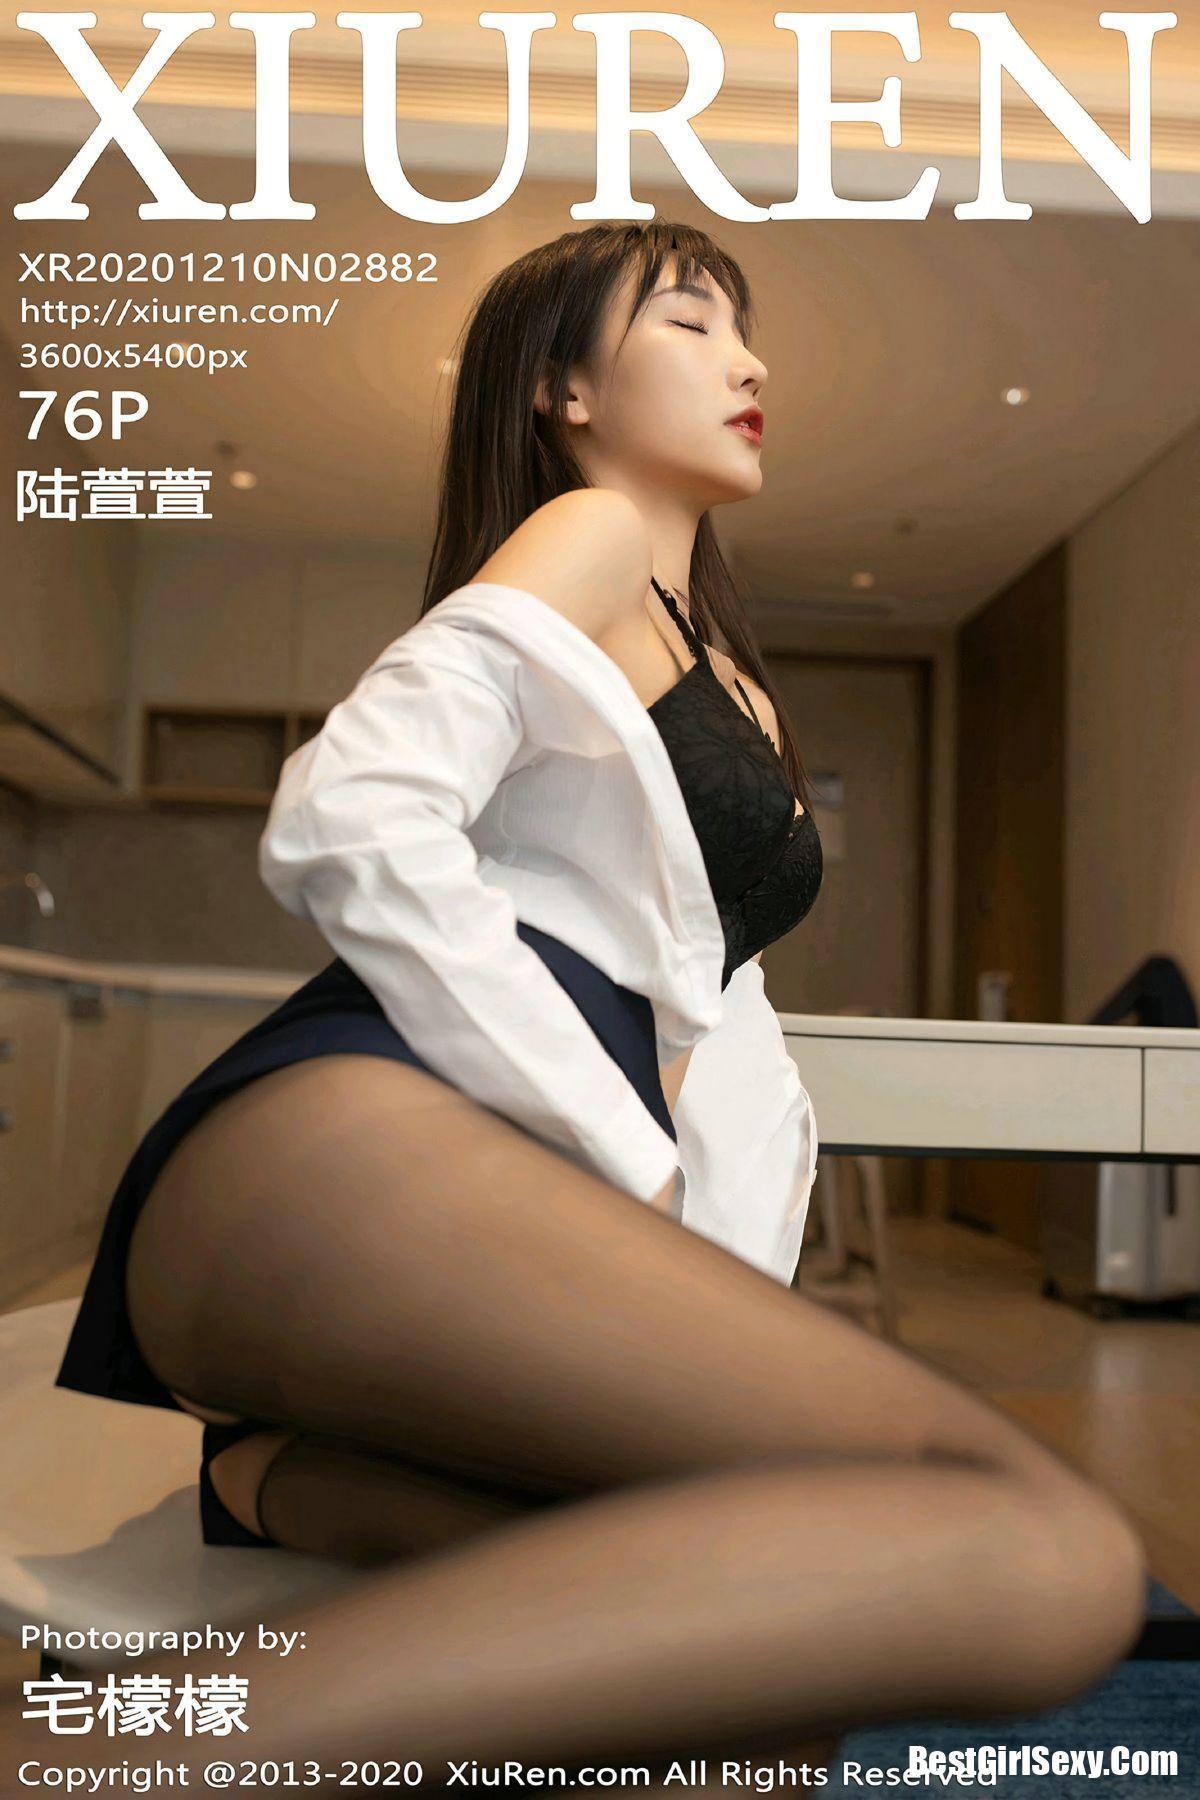 XiuRen秀人网 No.2882 Lu Xuan Xuan